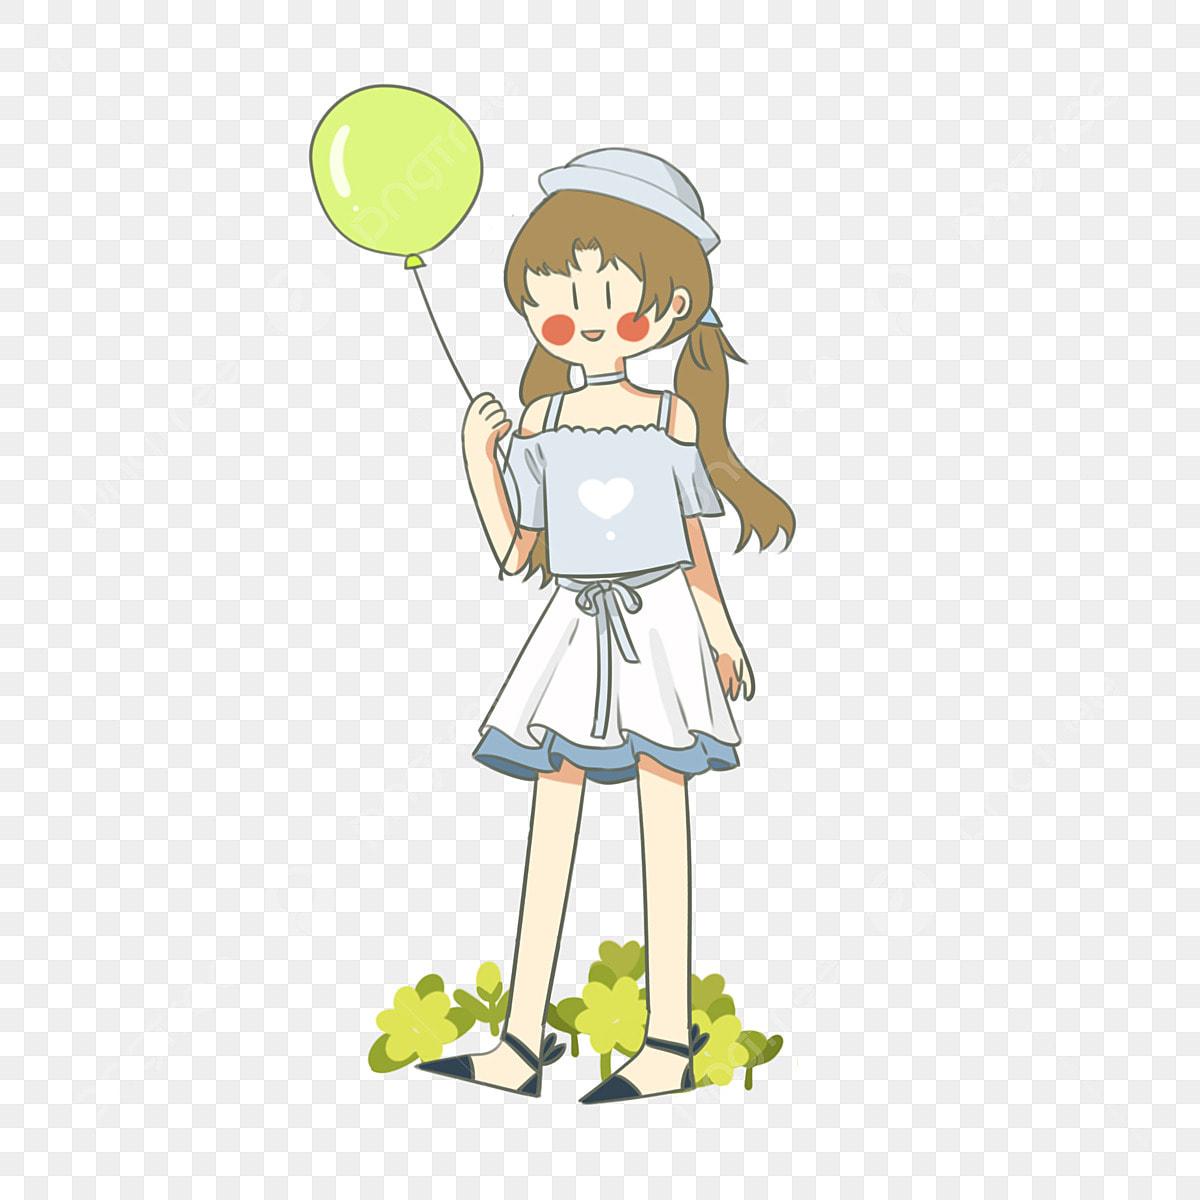 ملابس الصيف الصيف فتاة الكرتون توضيح توضيح متزوجة Png وملف Psd للتحميل مجانا